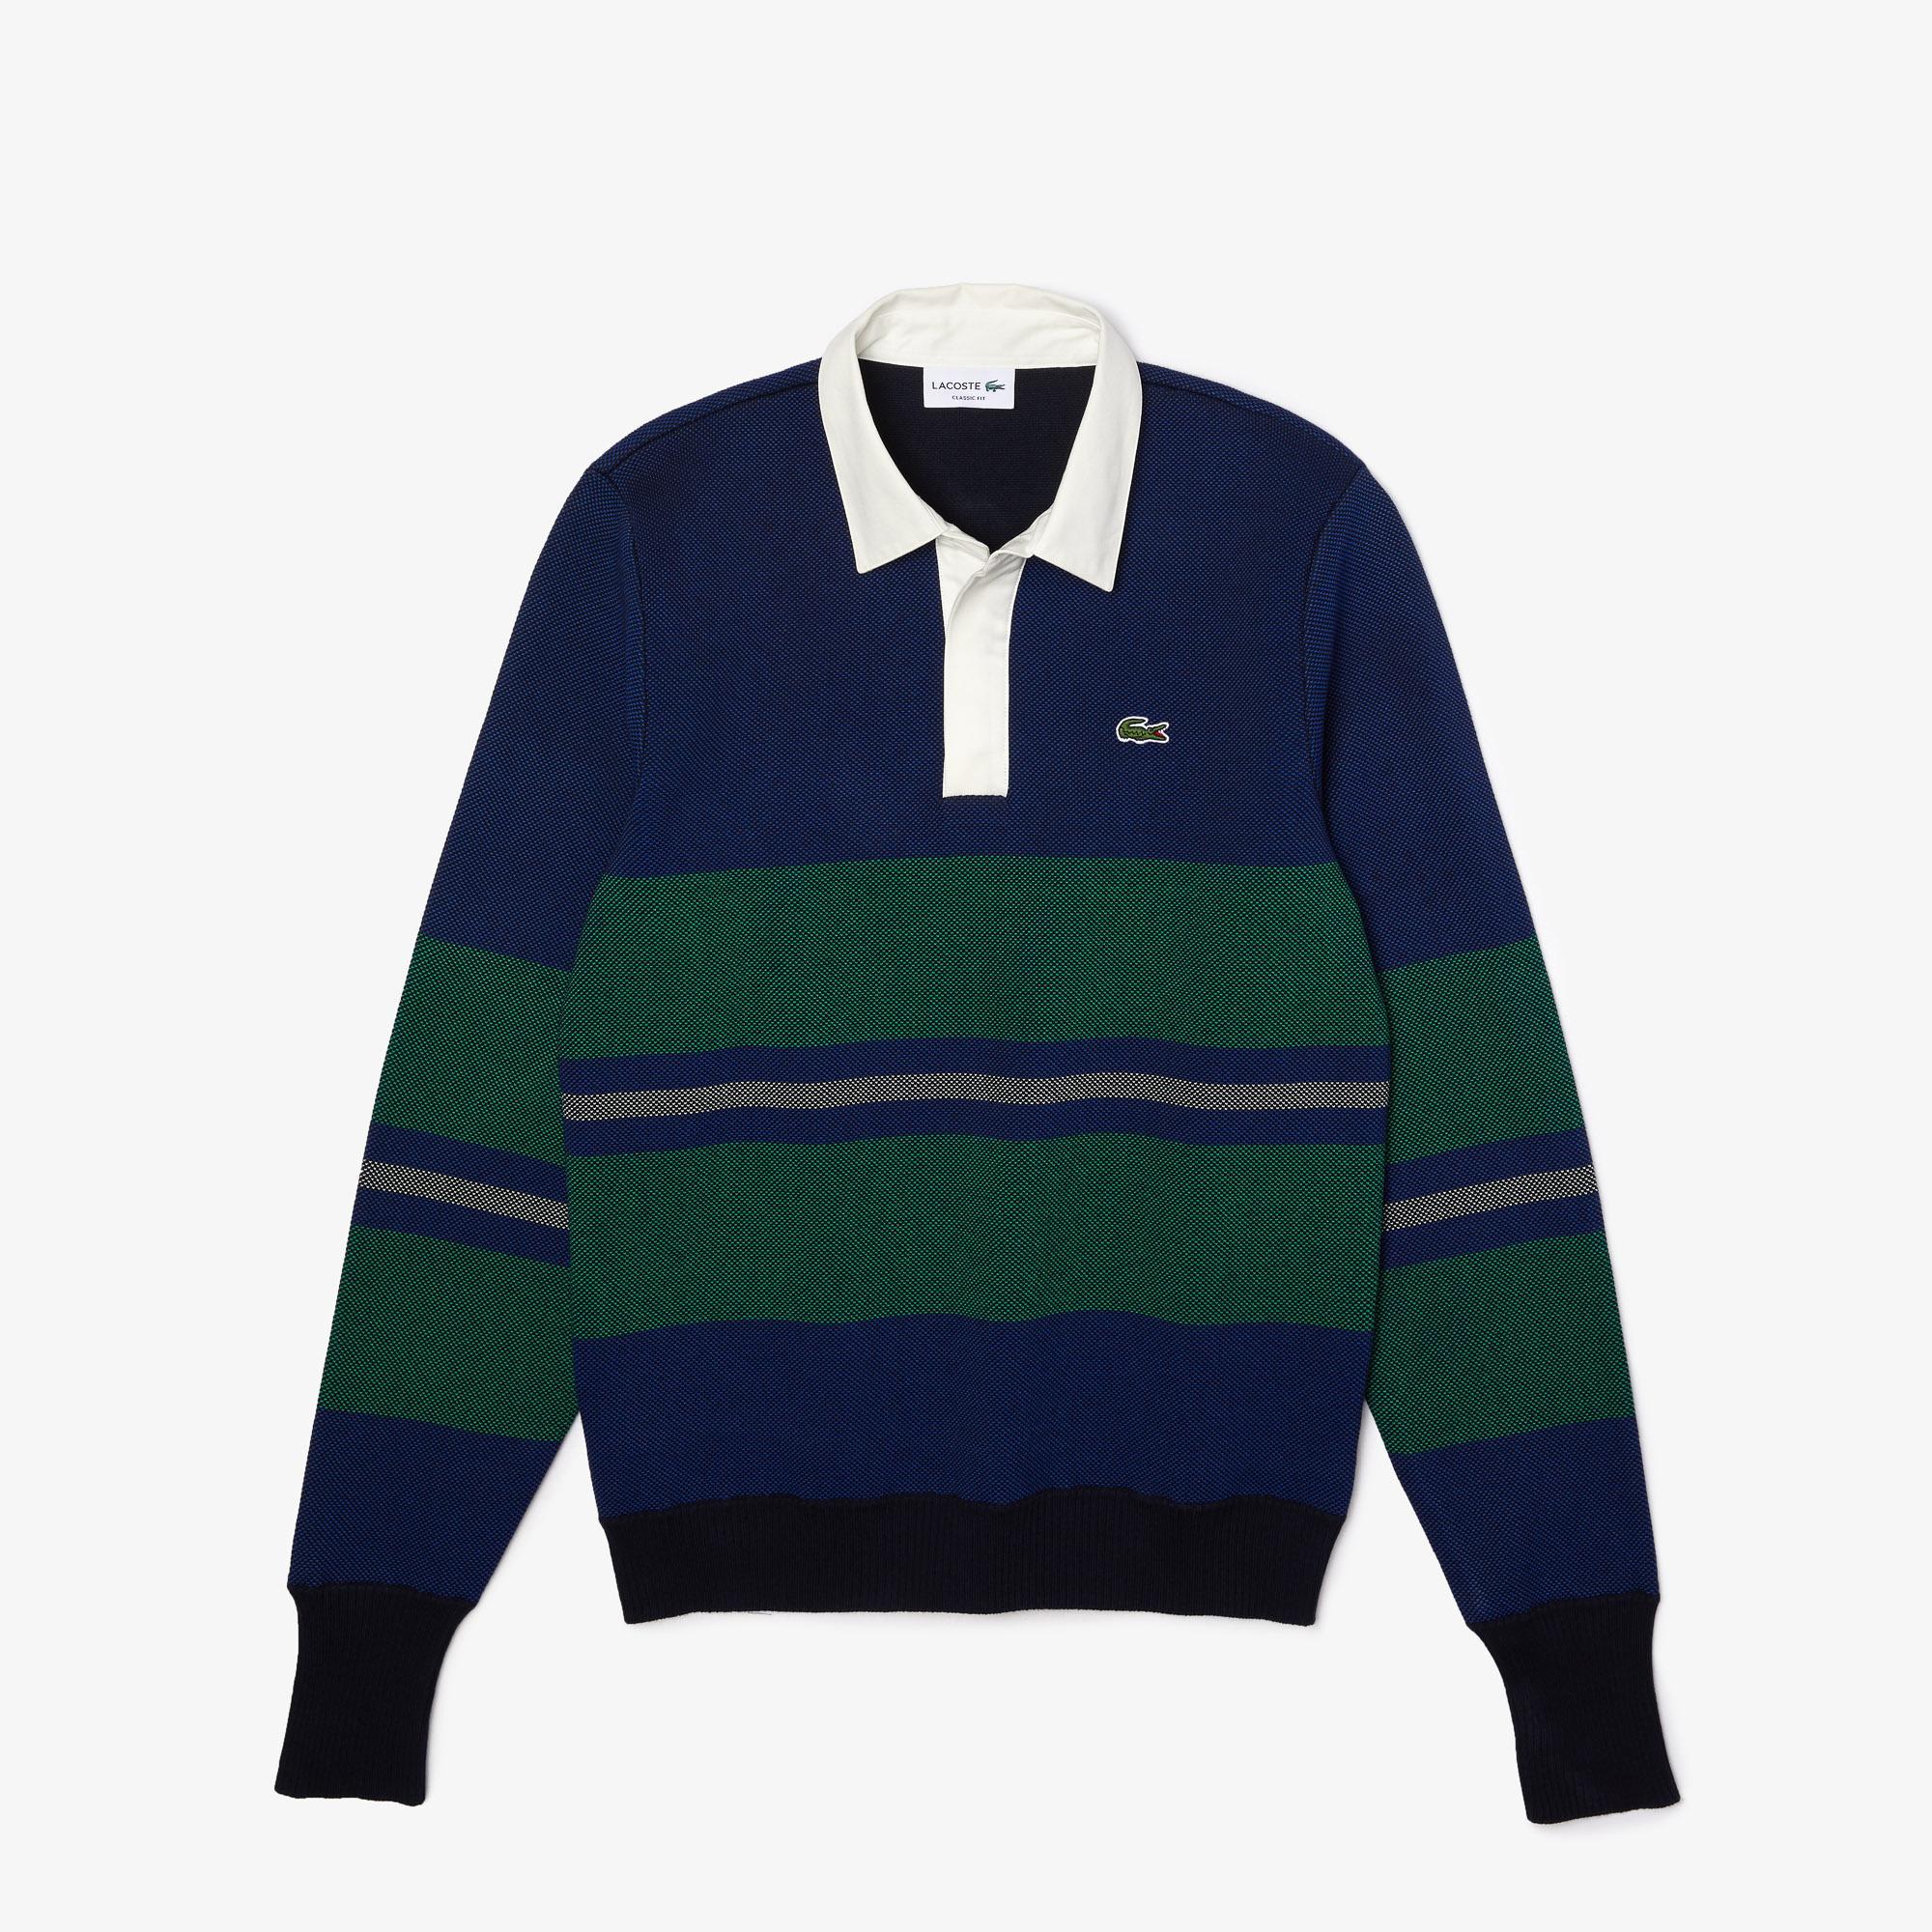 Lacoste Męski sweter w paski z dekoltem w kontrastowych kolorach w stylu rugby